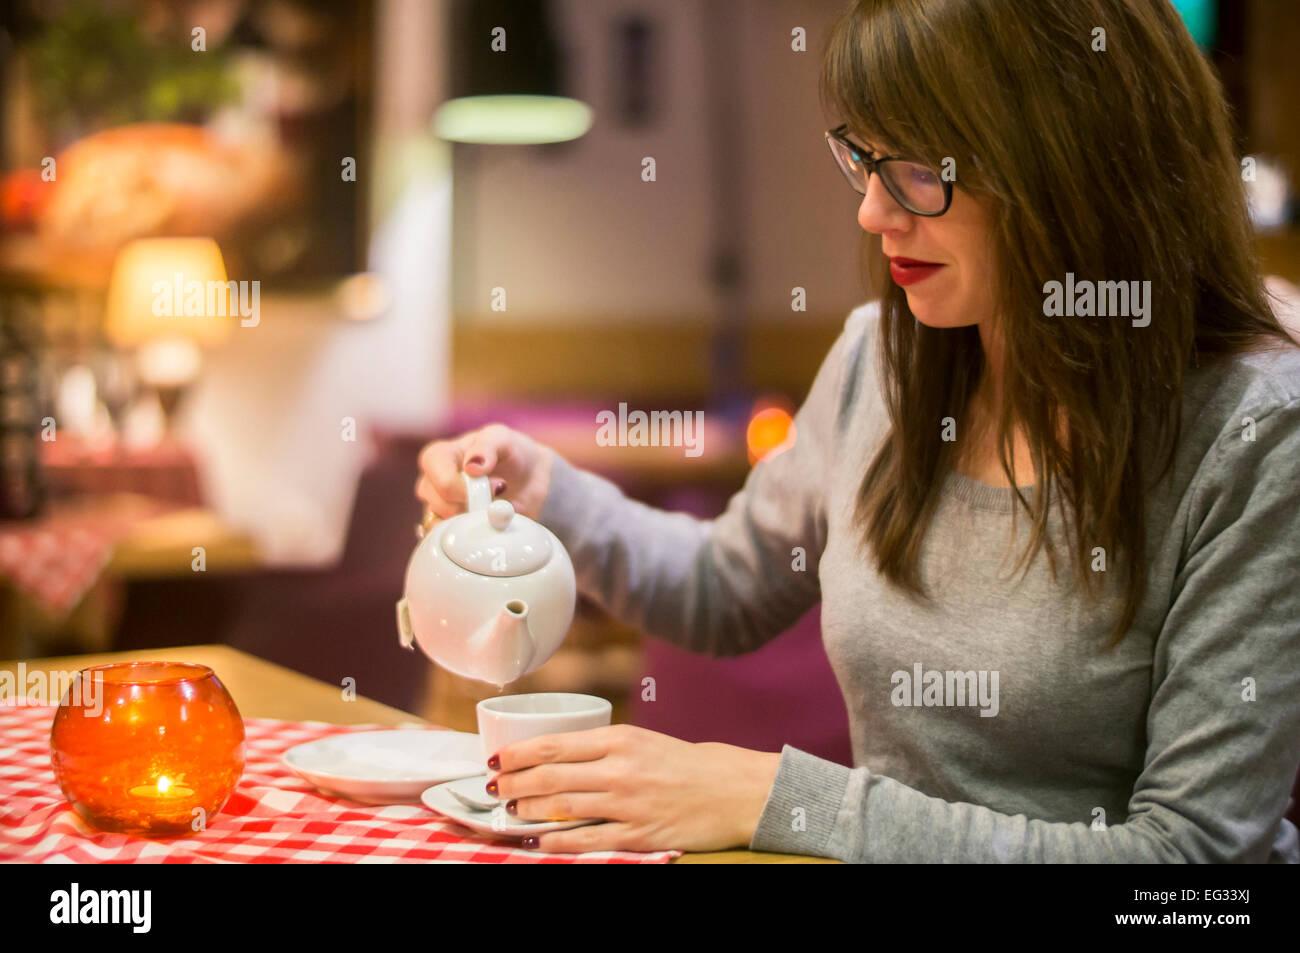 Hermosa joven disfrutando de una bebida caliente con amigos en un acogedor café. Imagen De Stock